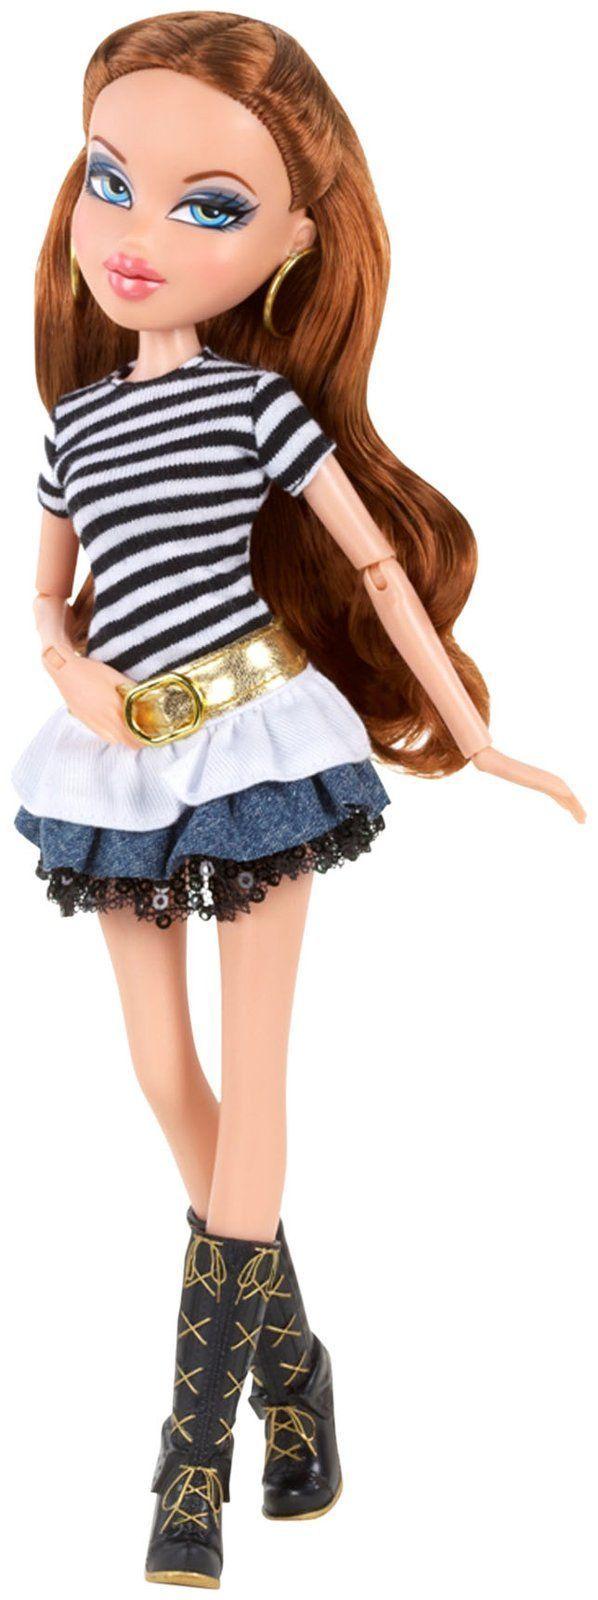 Bratz Doll Meygan #bratzdollcostume Bratz Doll Meygan #bratzdollcostume Bratz Doll Meygan #bratzdollcostume Bratz Doll Meygan #bratzdollcostume